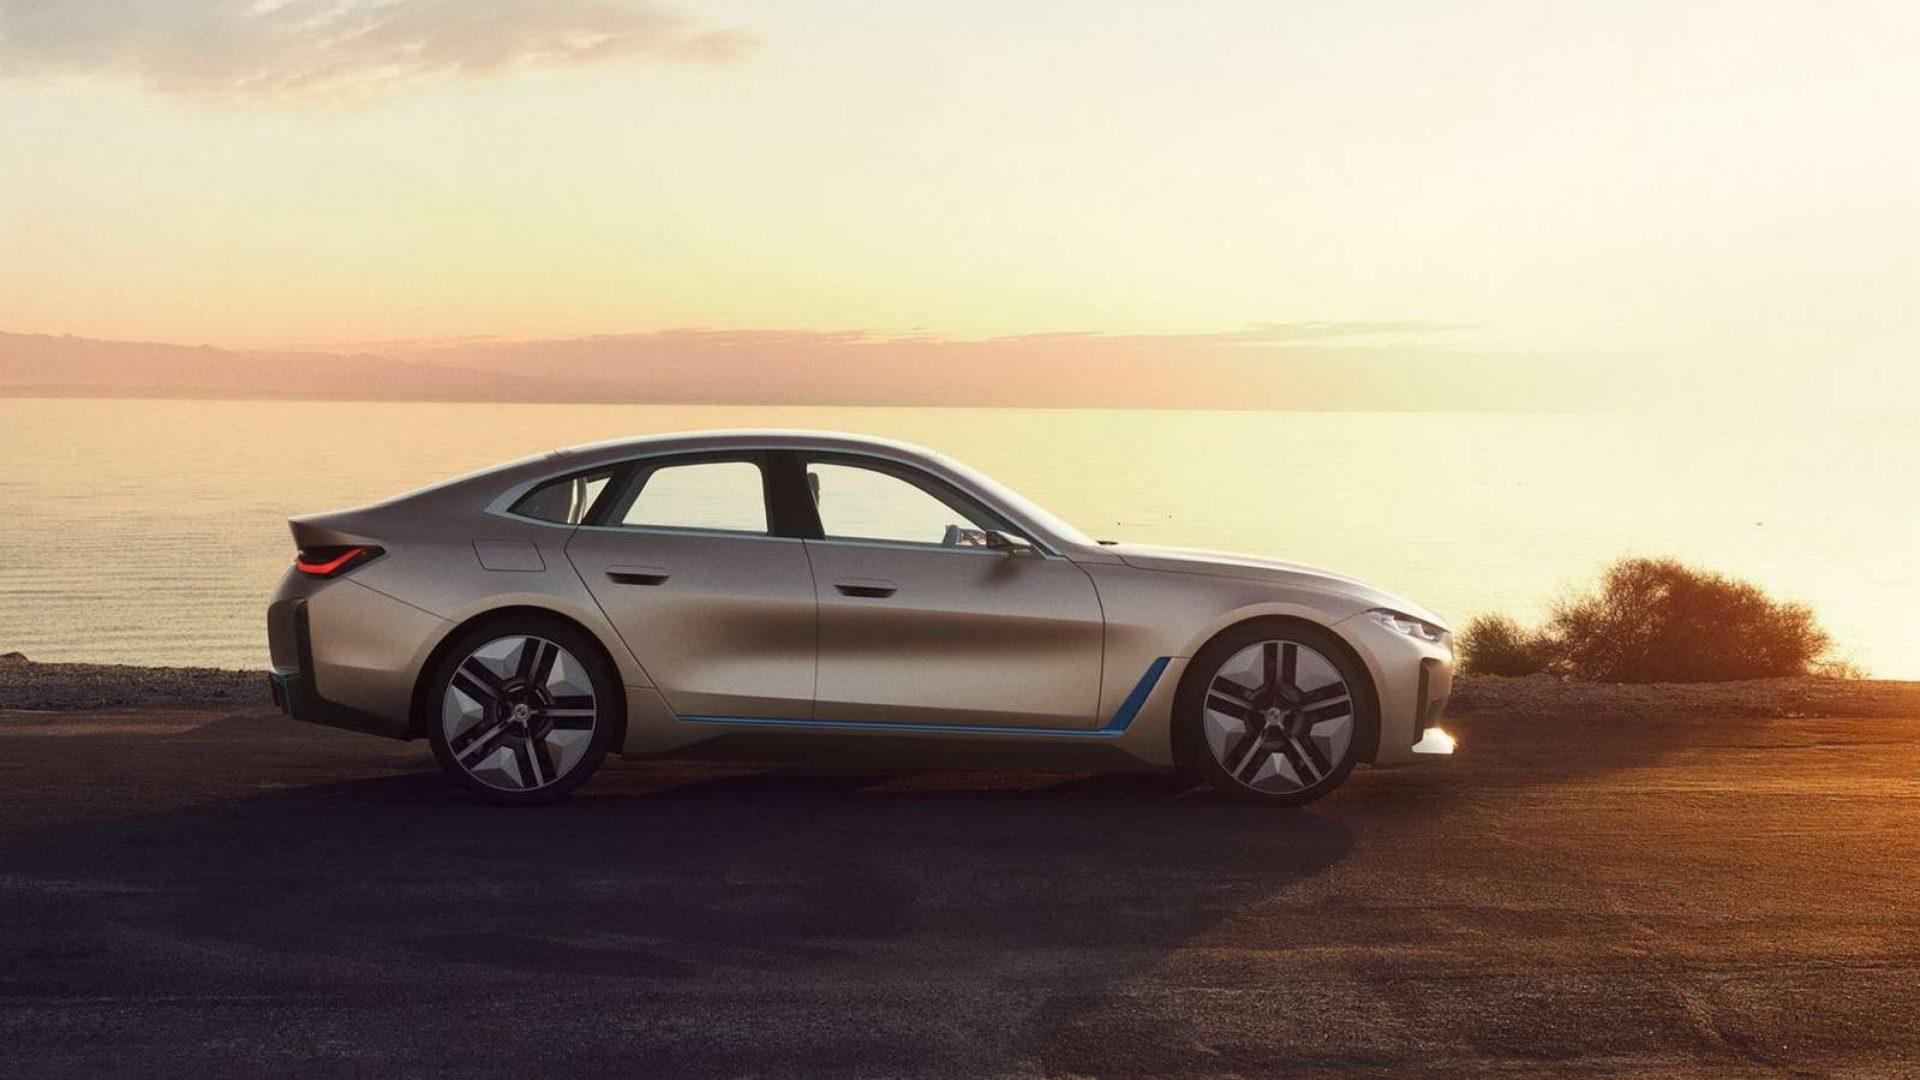 2020-BMW-Concept-i4-17